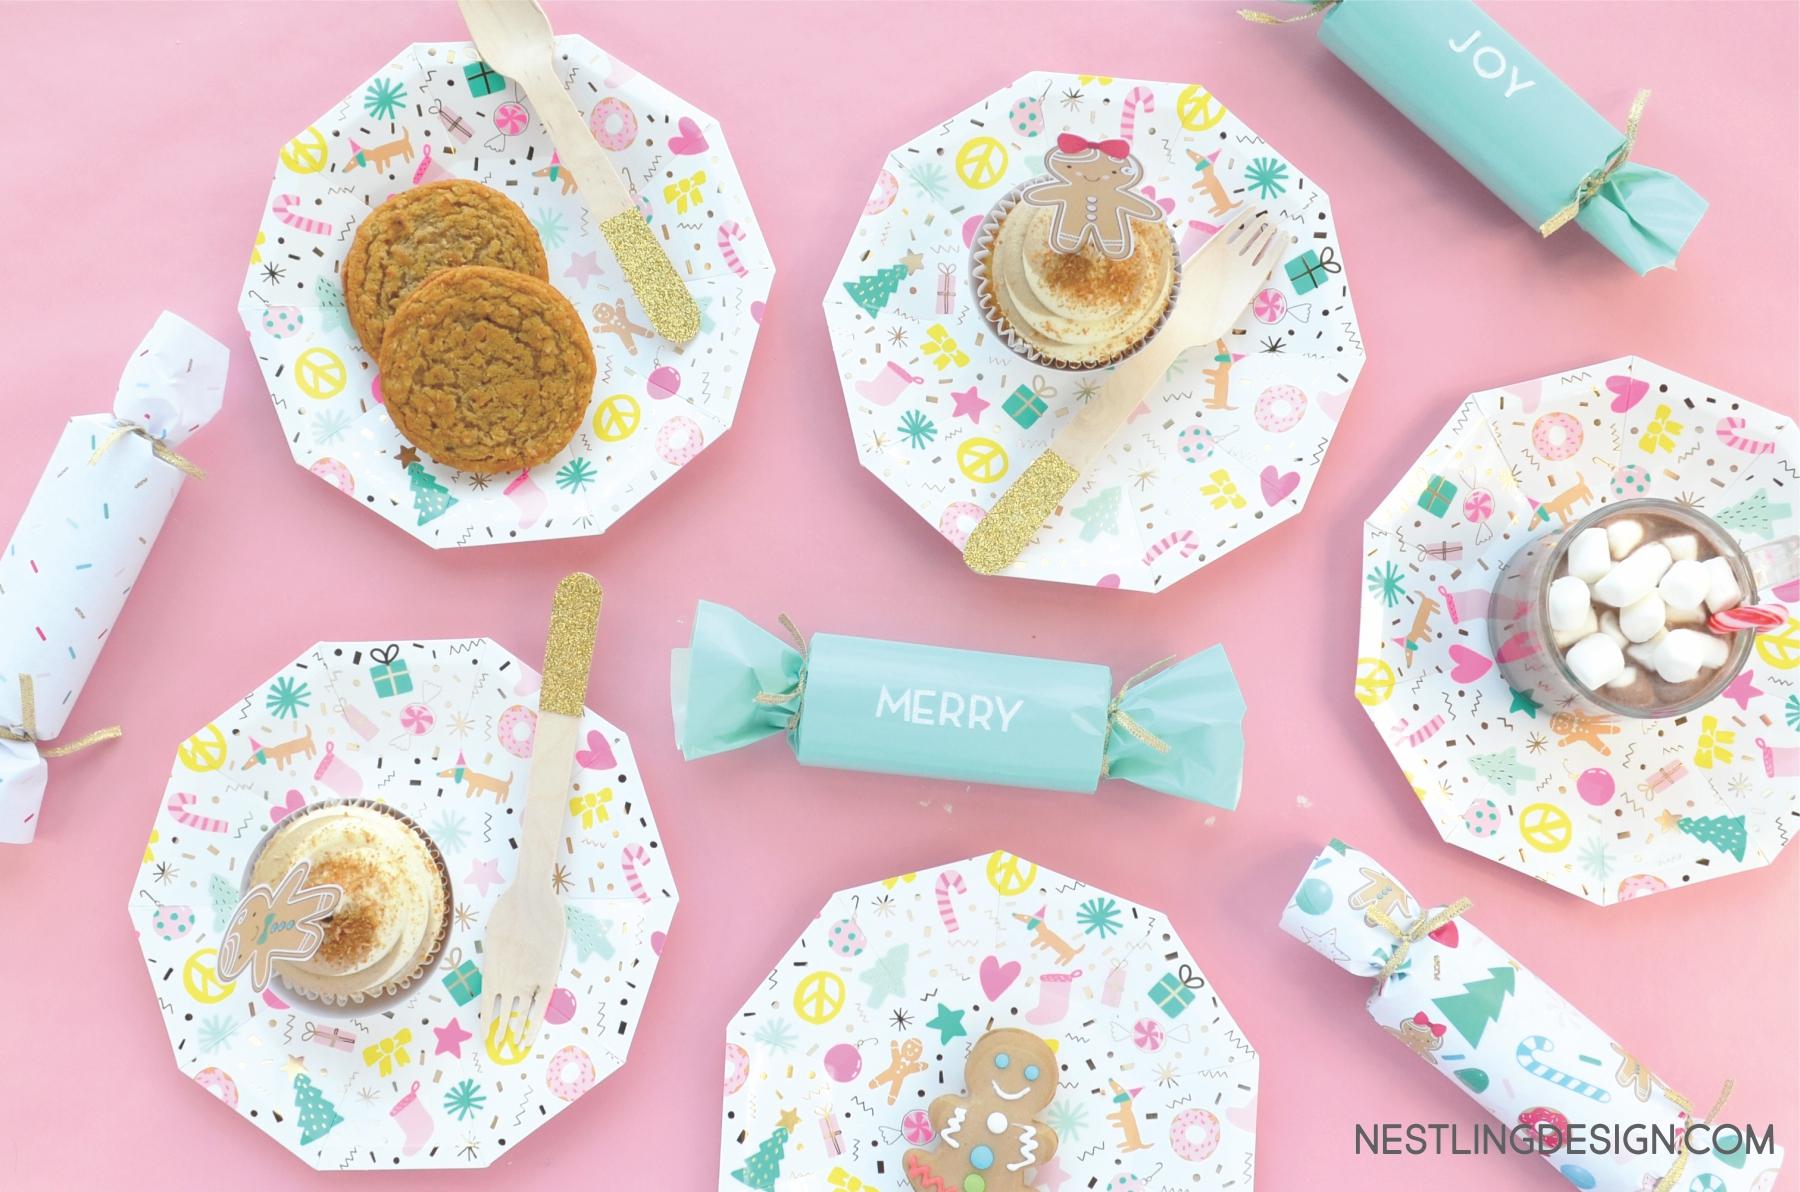 DIY Party Crackers | NestlingDesign.com